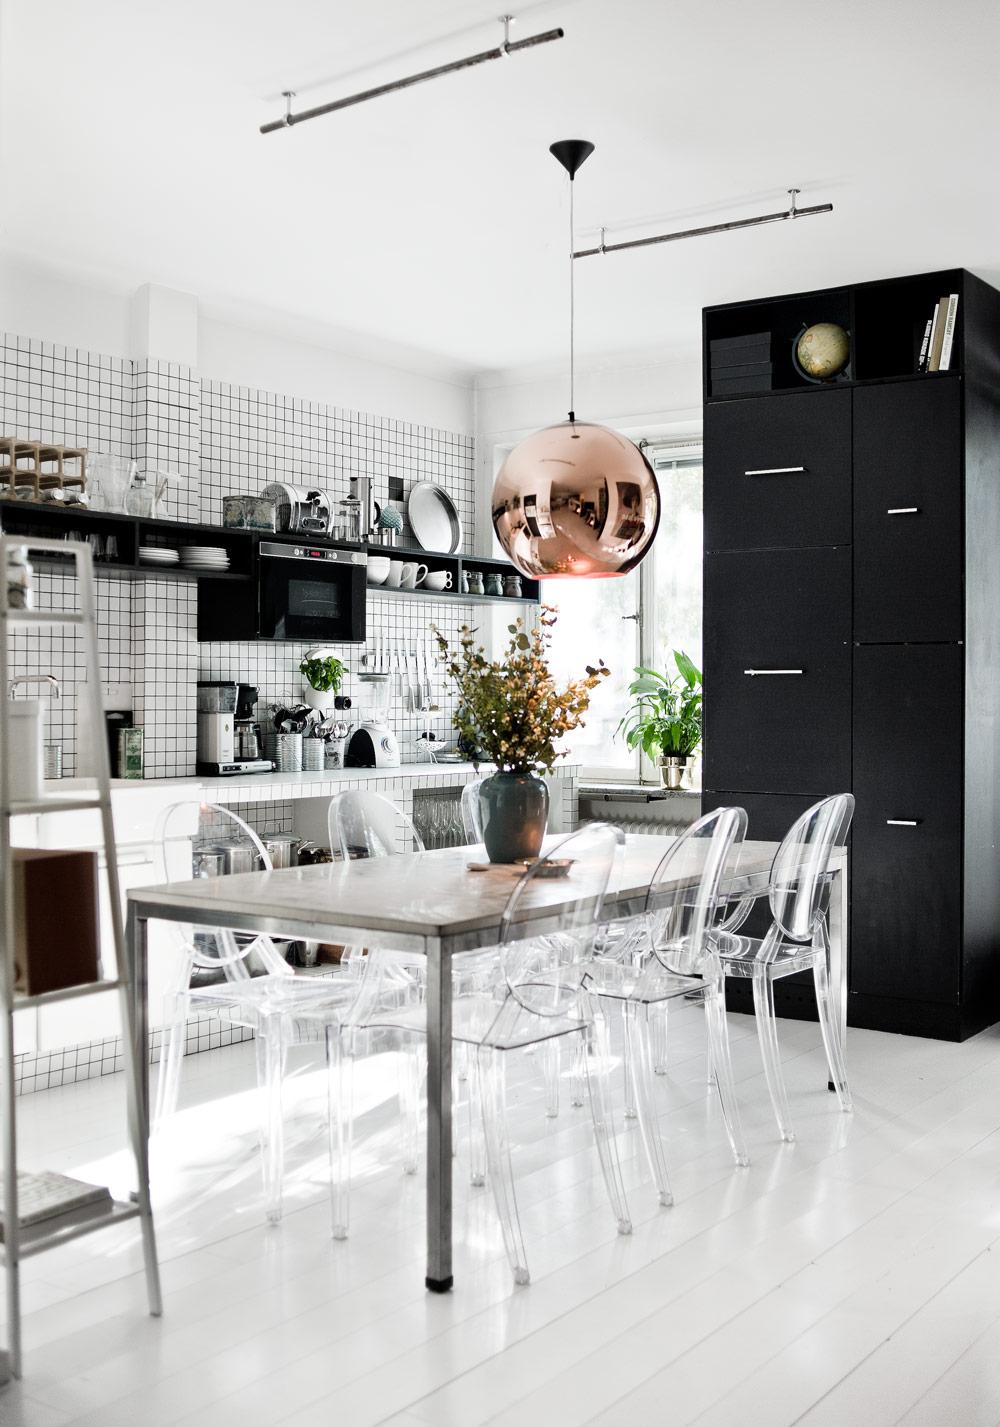 Серебристые и медные элементы в черно-белой кухне